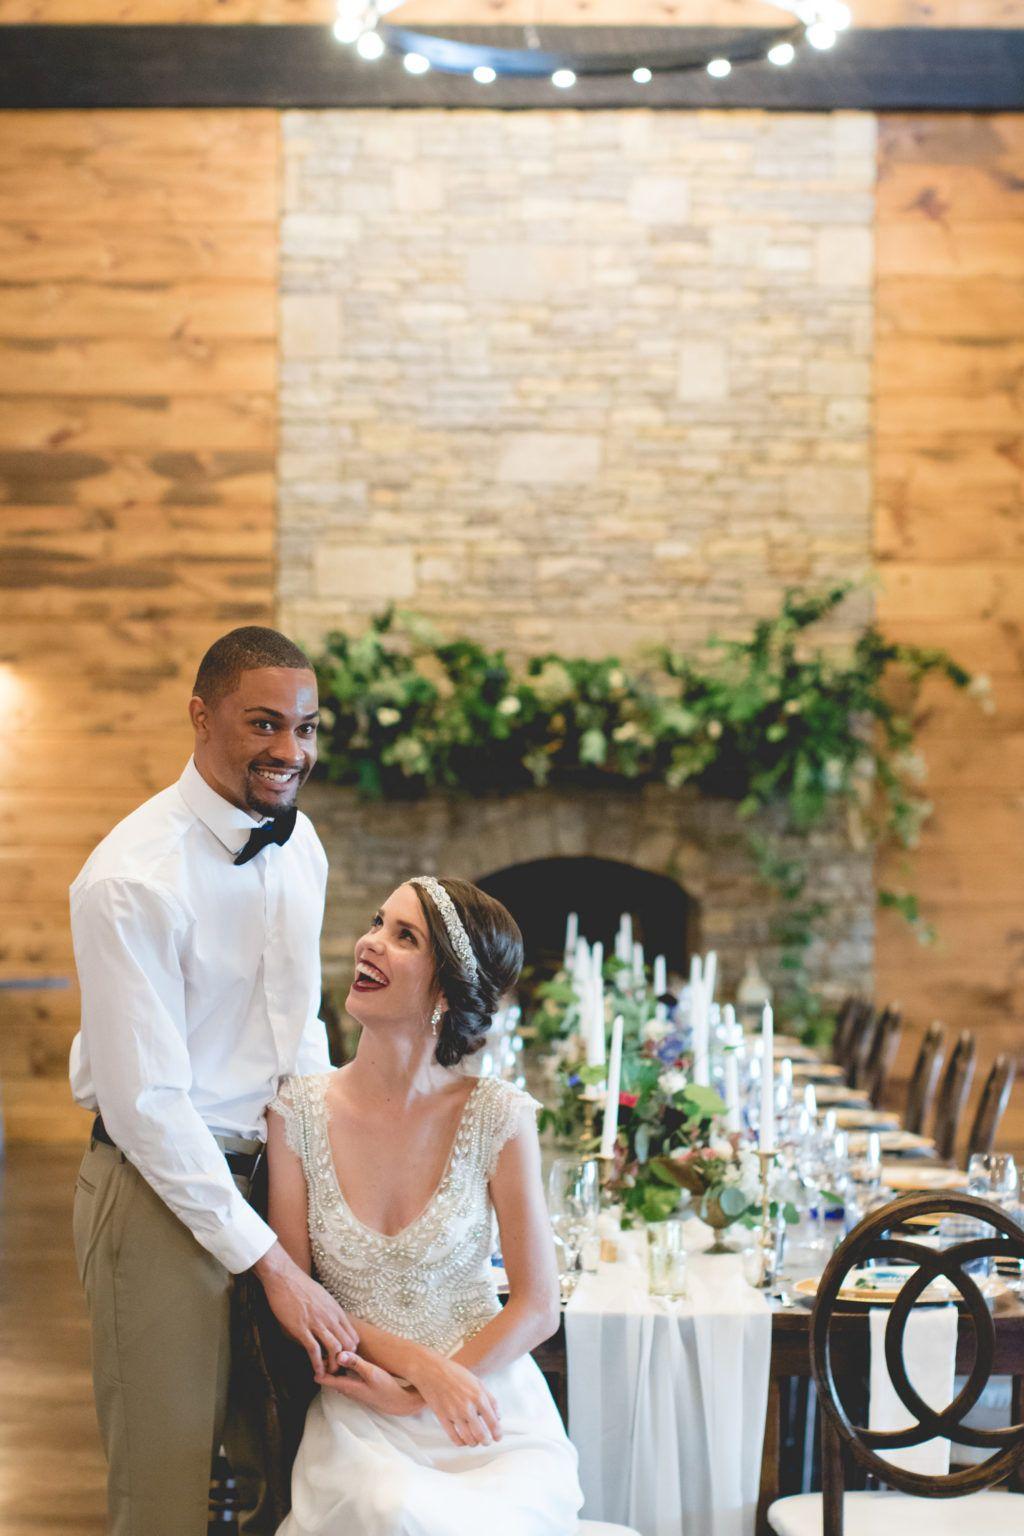 Atlanta Wedding Planner and Coordinator Atlanta wedding